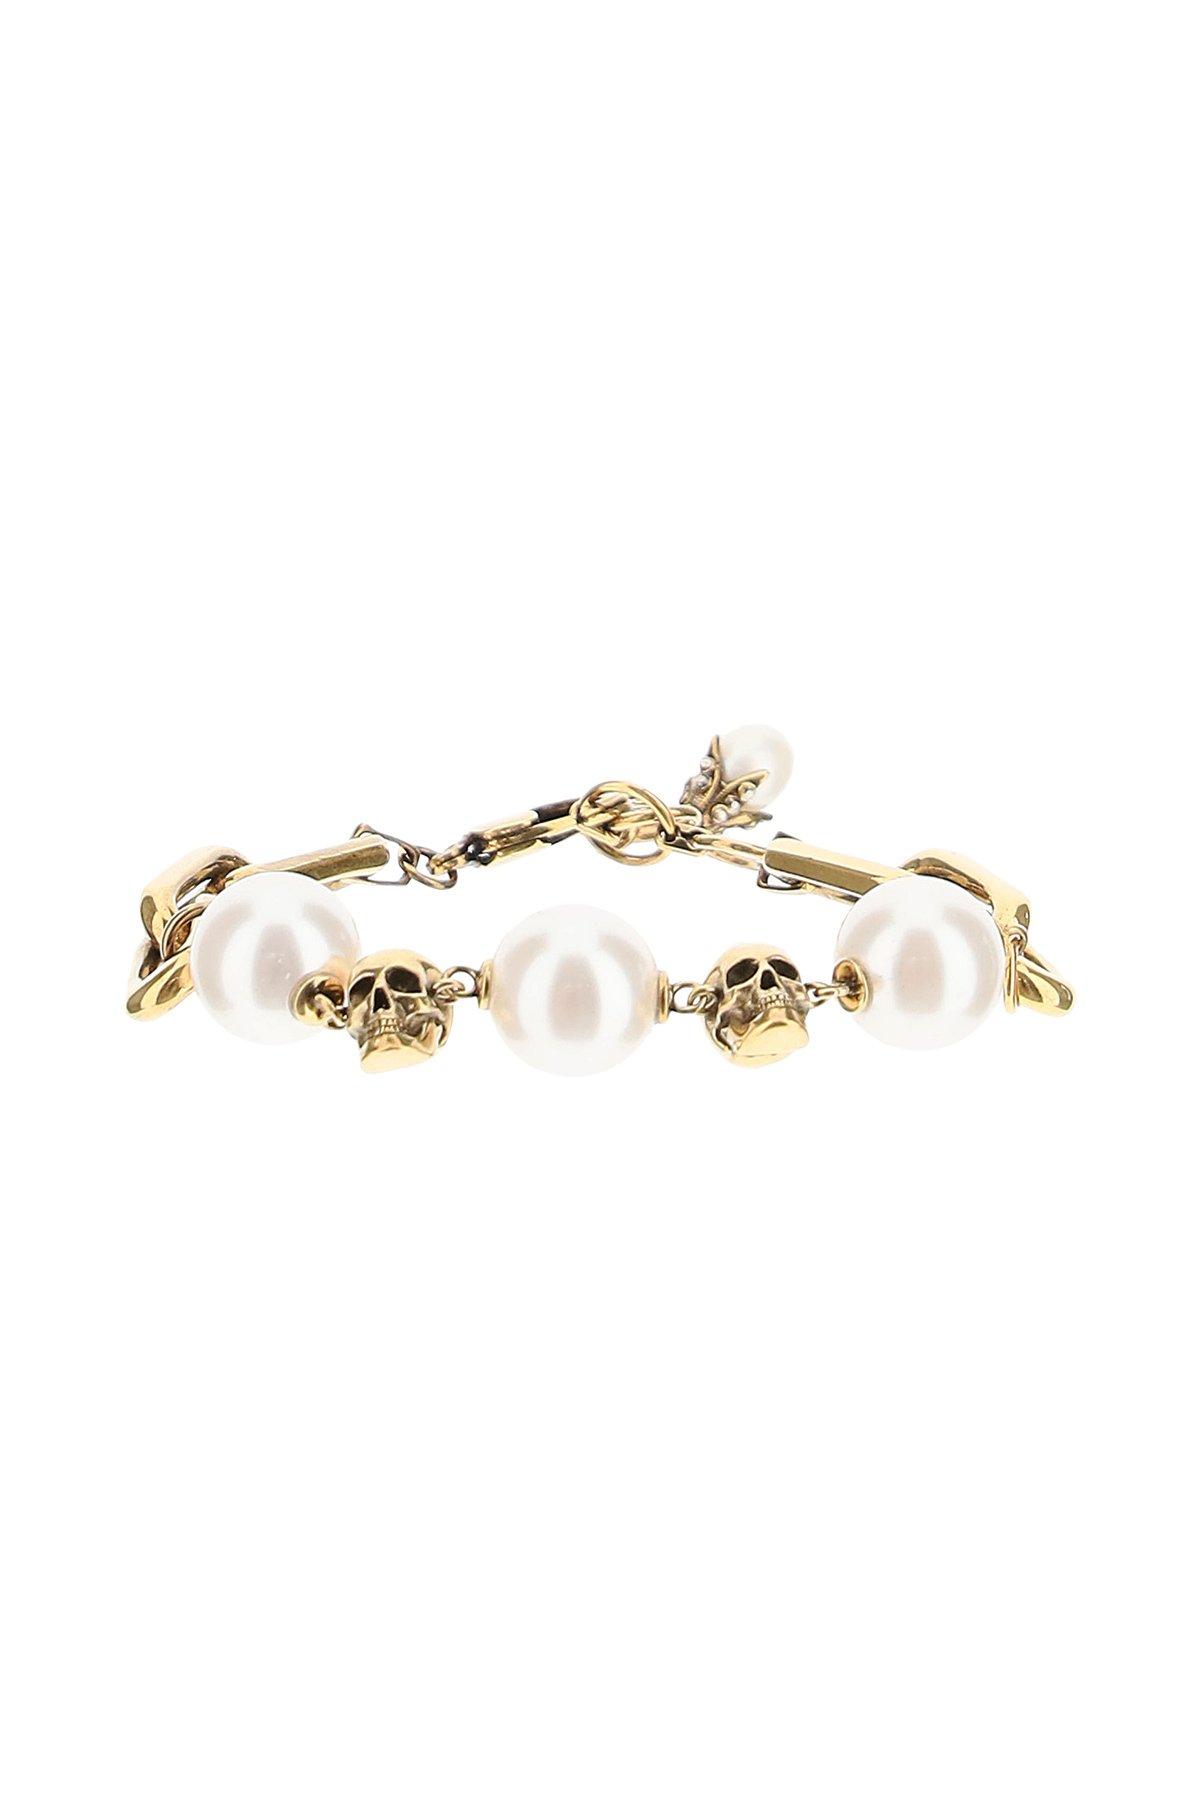 Alexander mcqueen braccialetto con perle e teschi